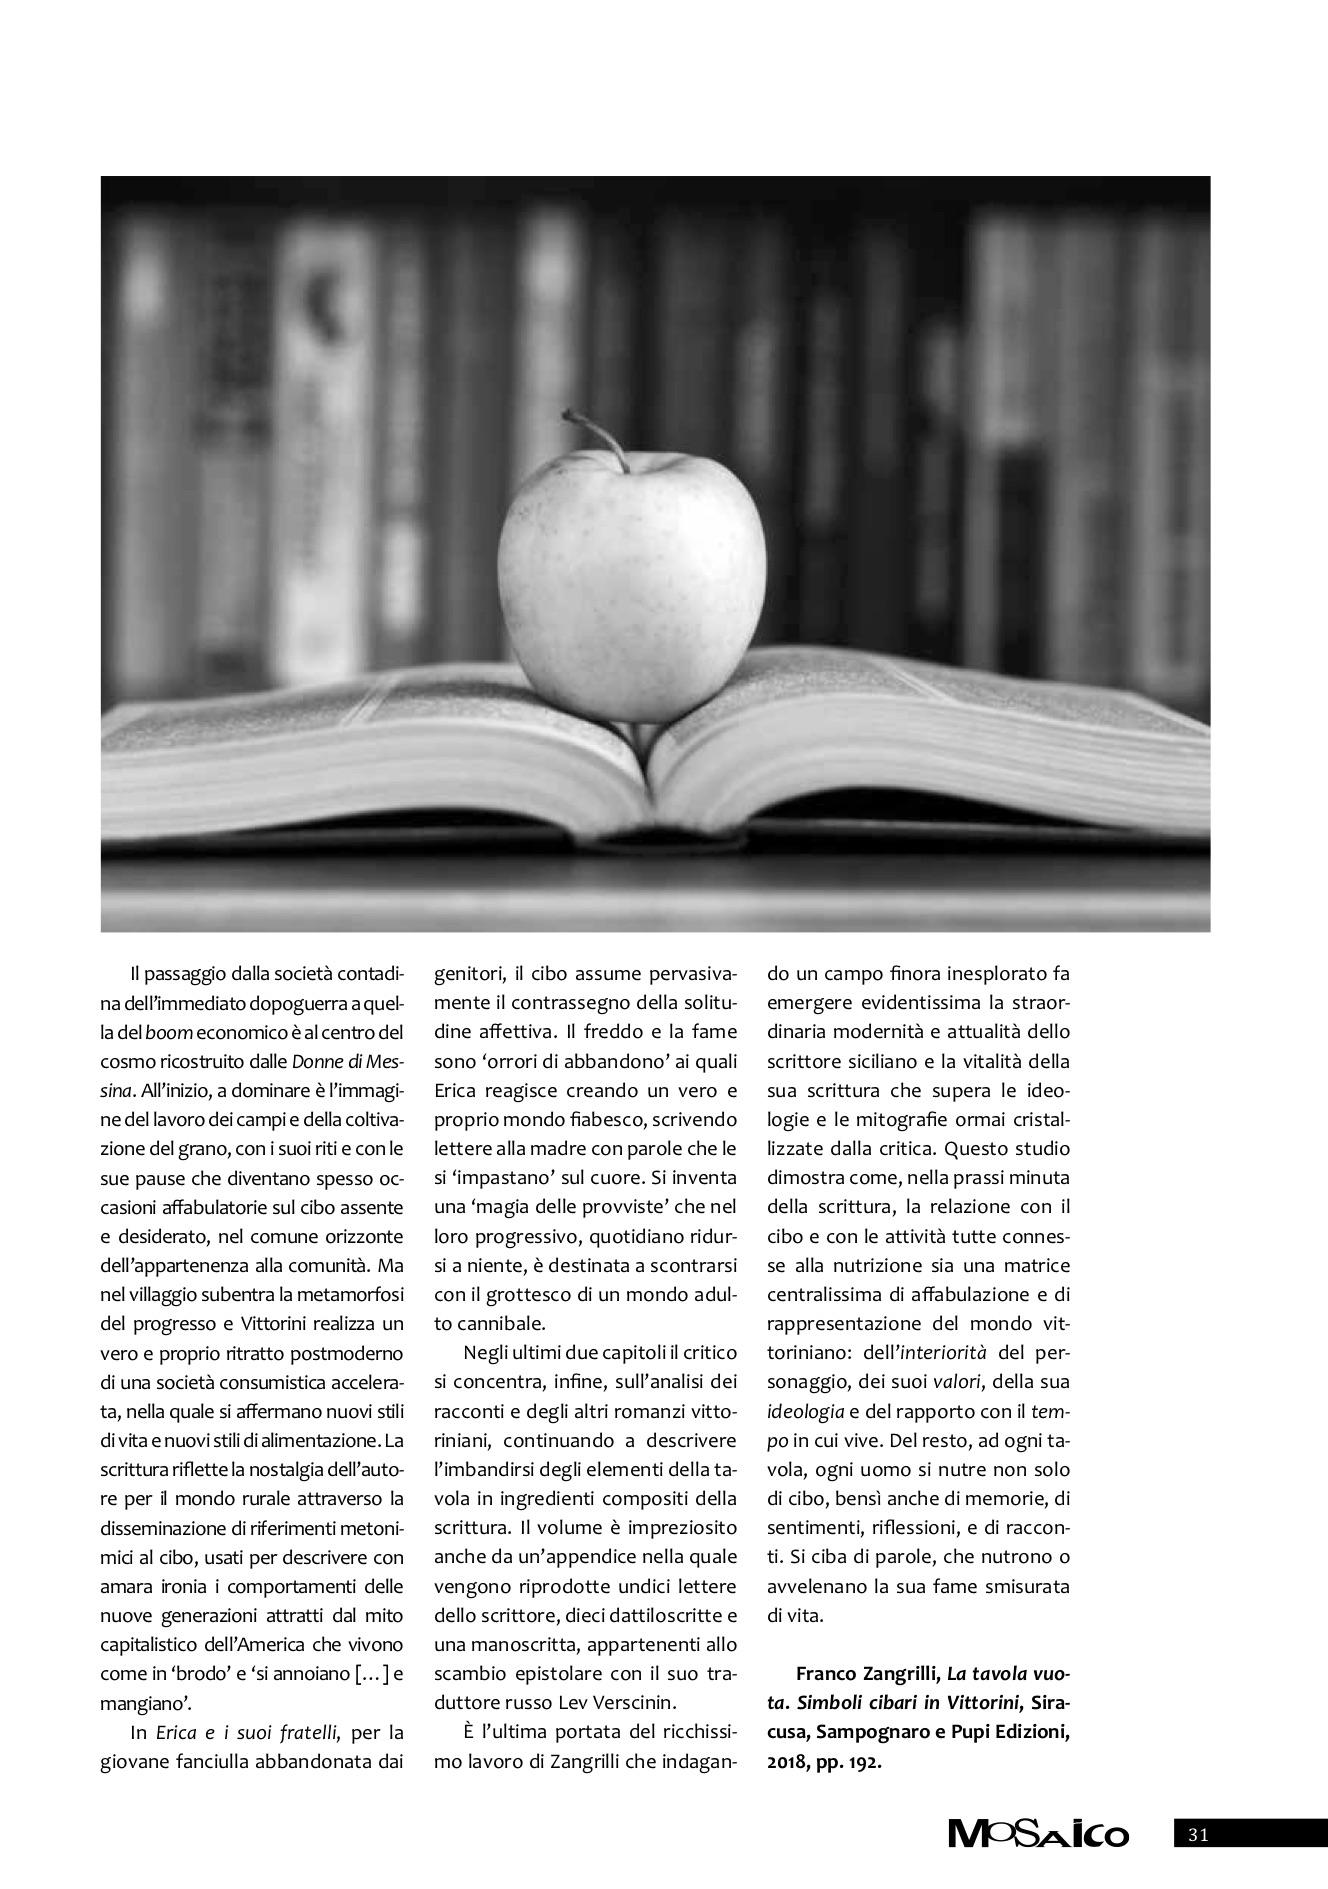 Mosaico 242 - pg 31.jpg